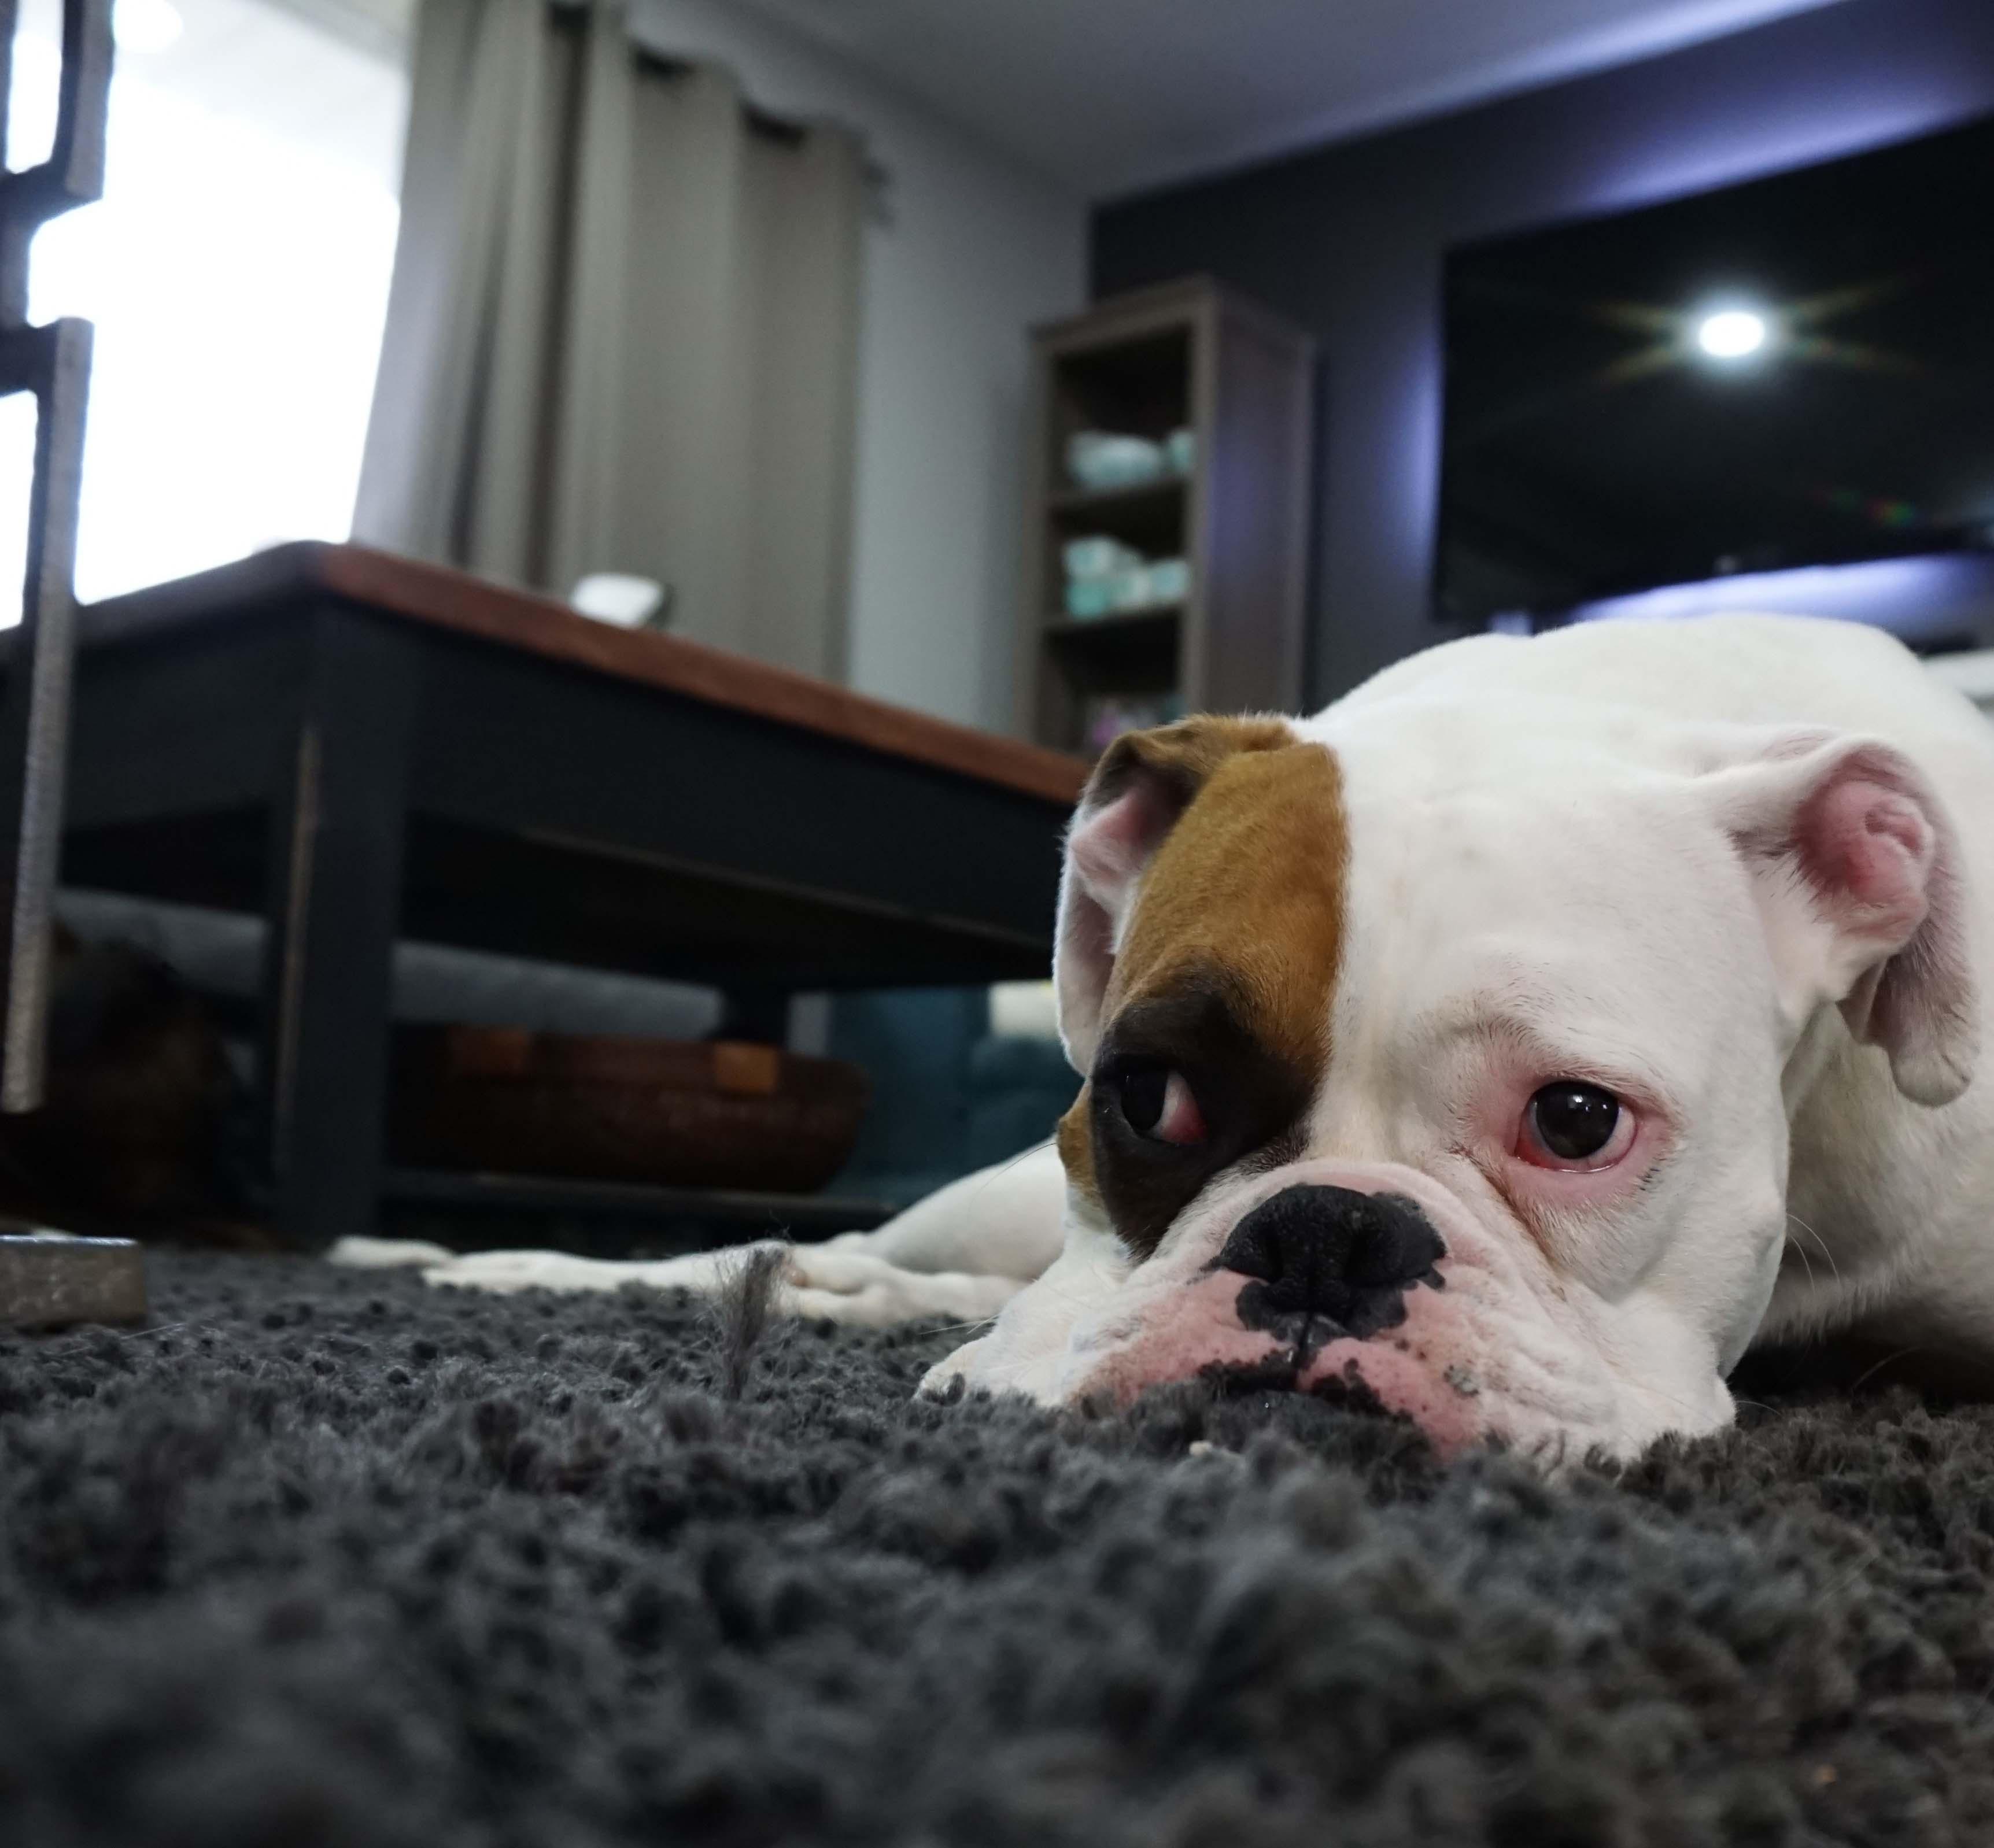 Local Carpet Cleaner in Carmichael